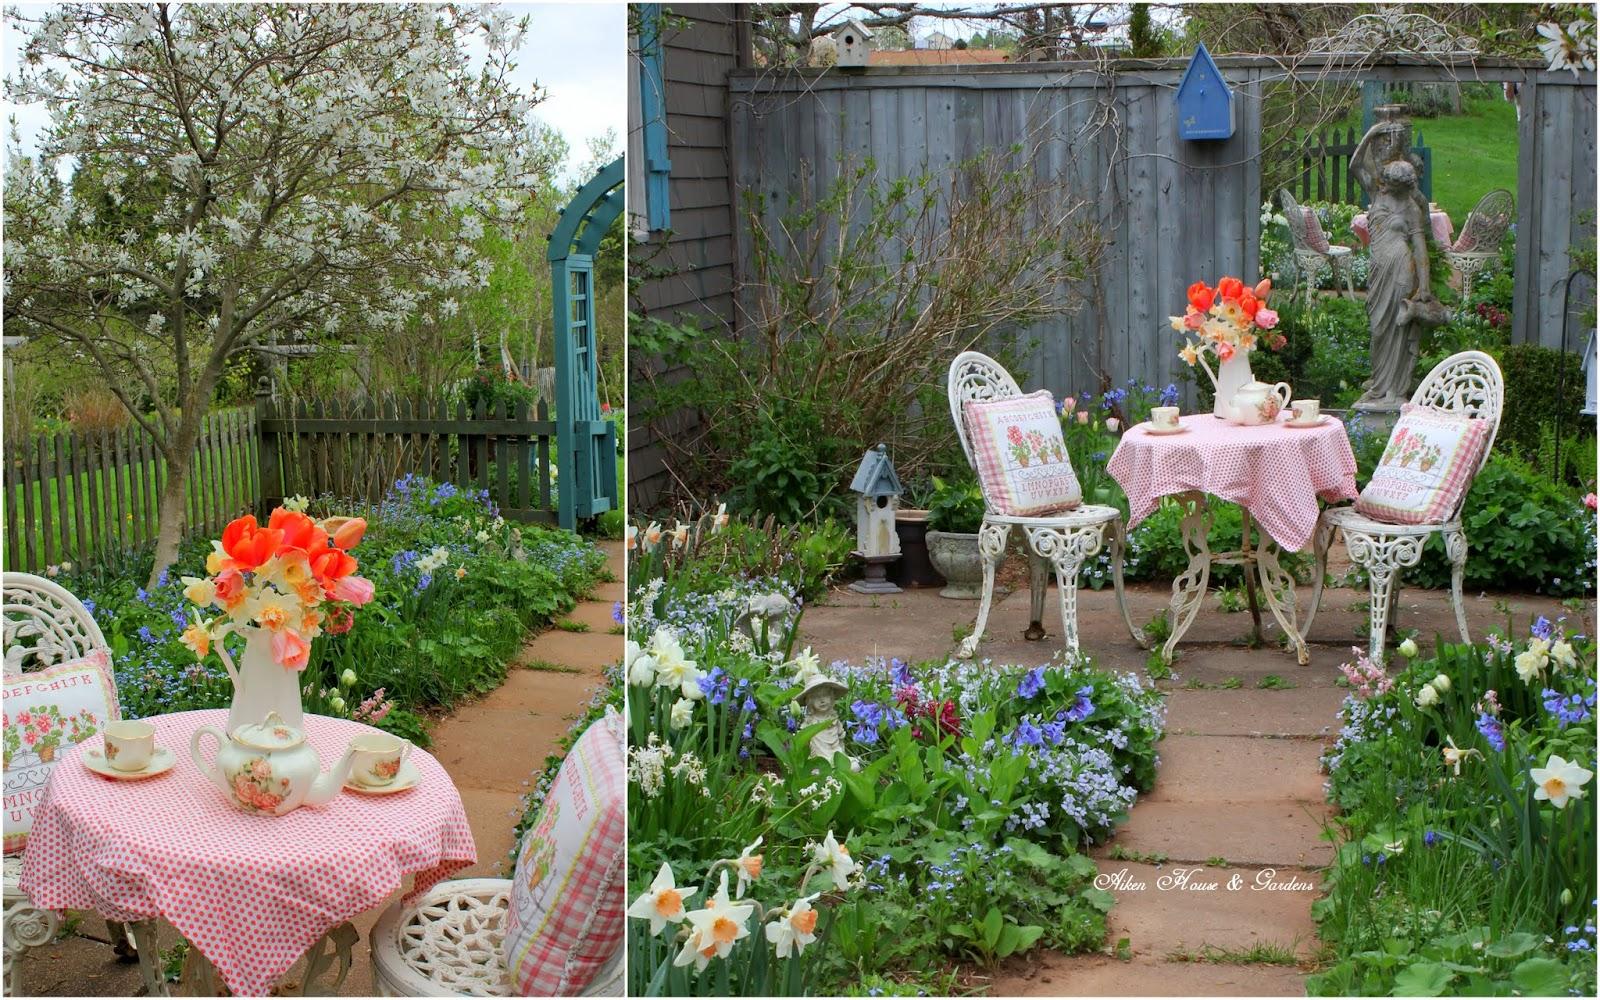 Aiken House & Gardens: Tea In Martha's Garden